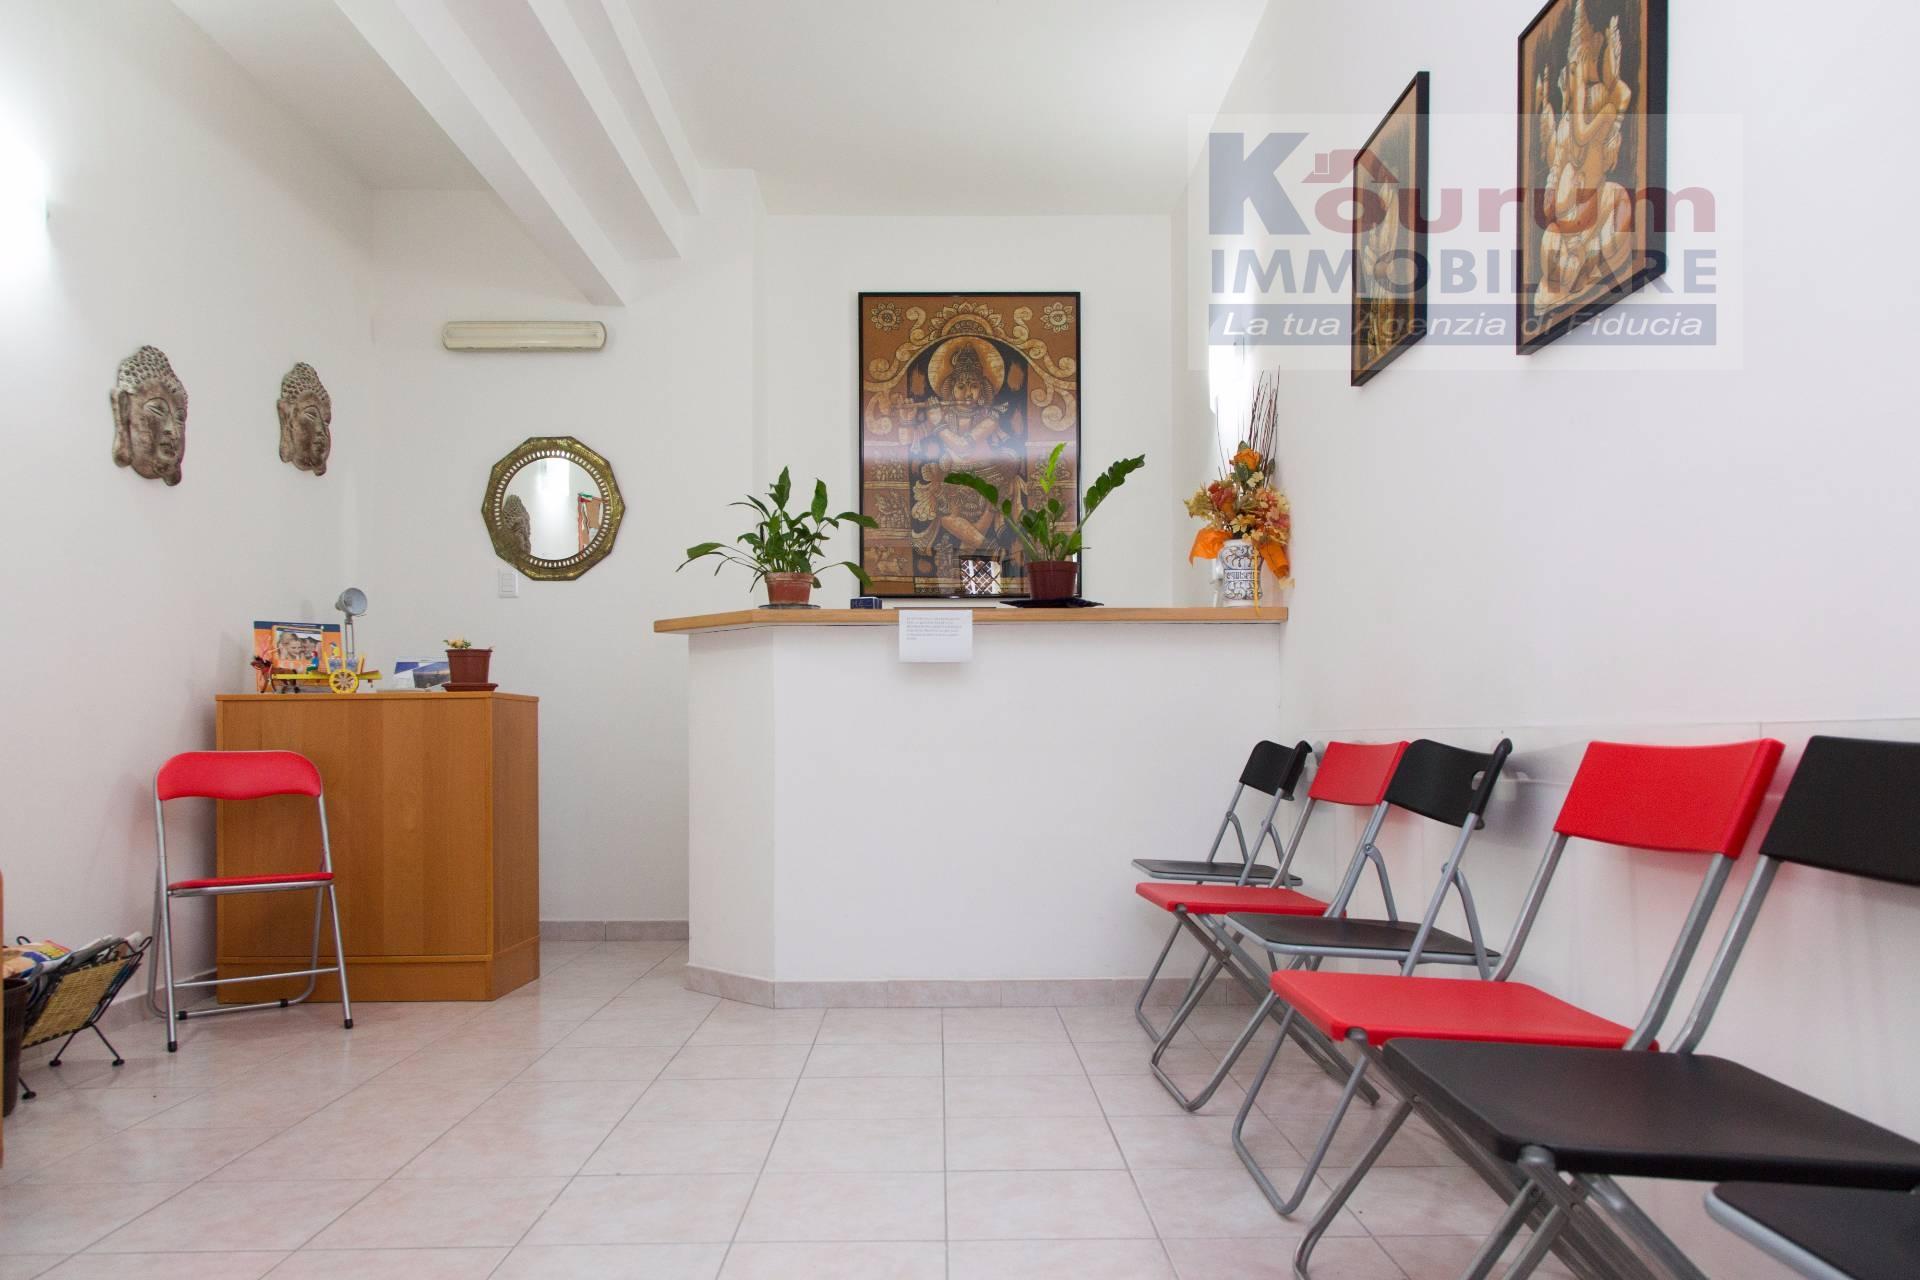 Appartamento in vendita a Ciampino, 3 locali, zona Località: MuradeiFrancesi, prezzo € 209.000 | Cambio Casa.it